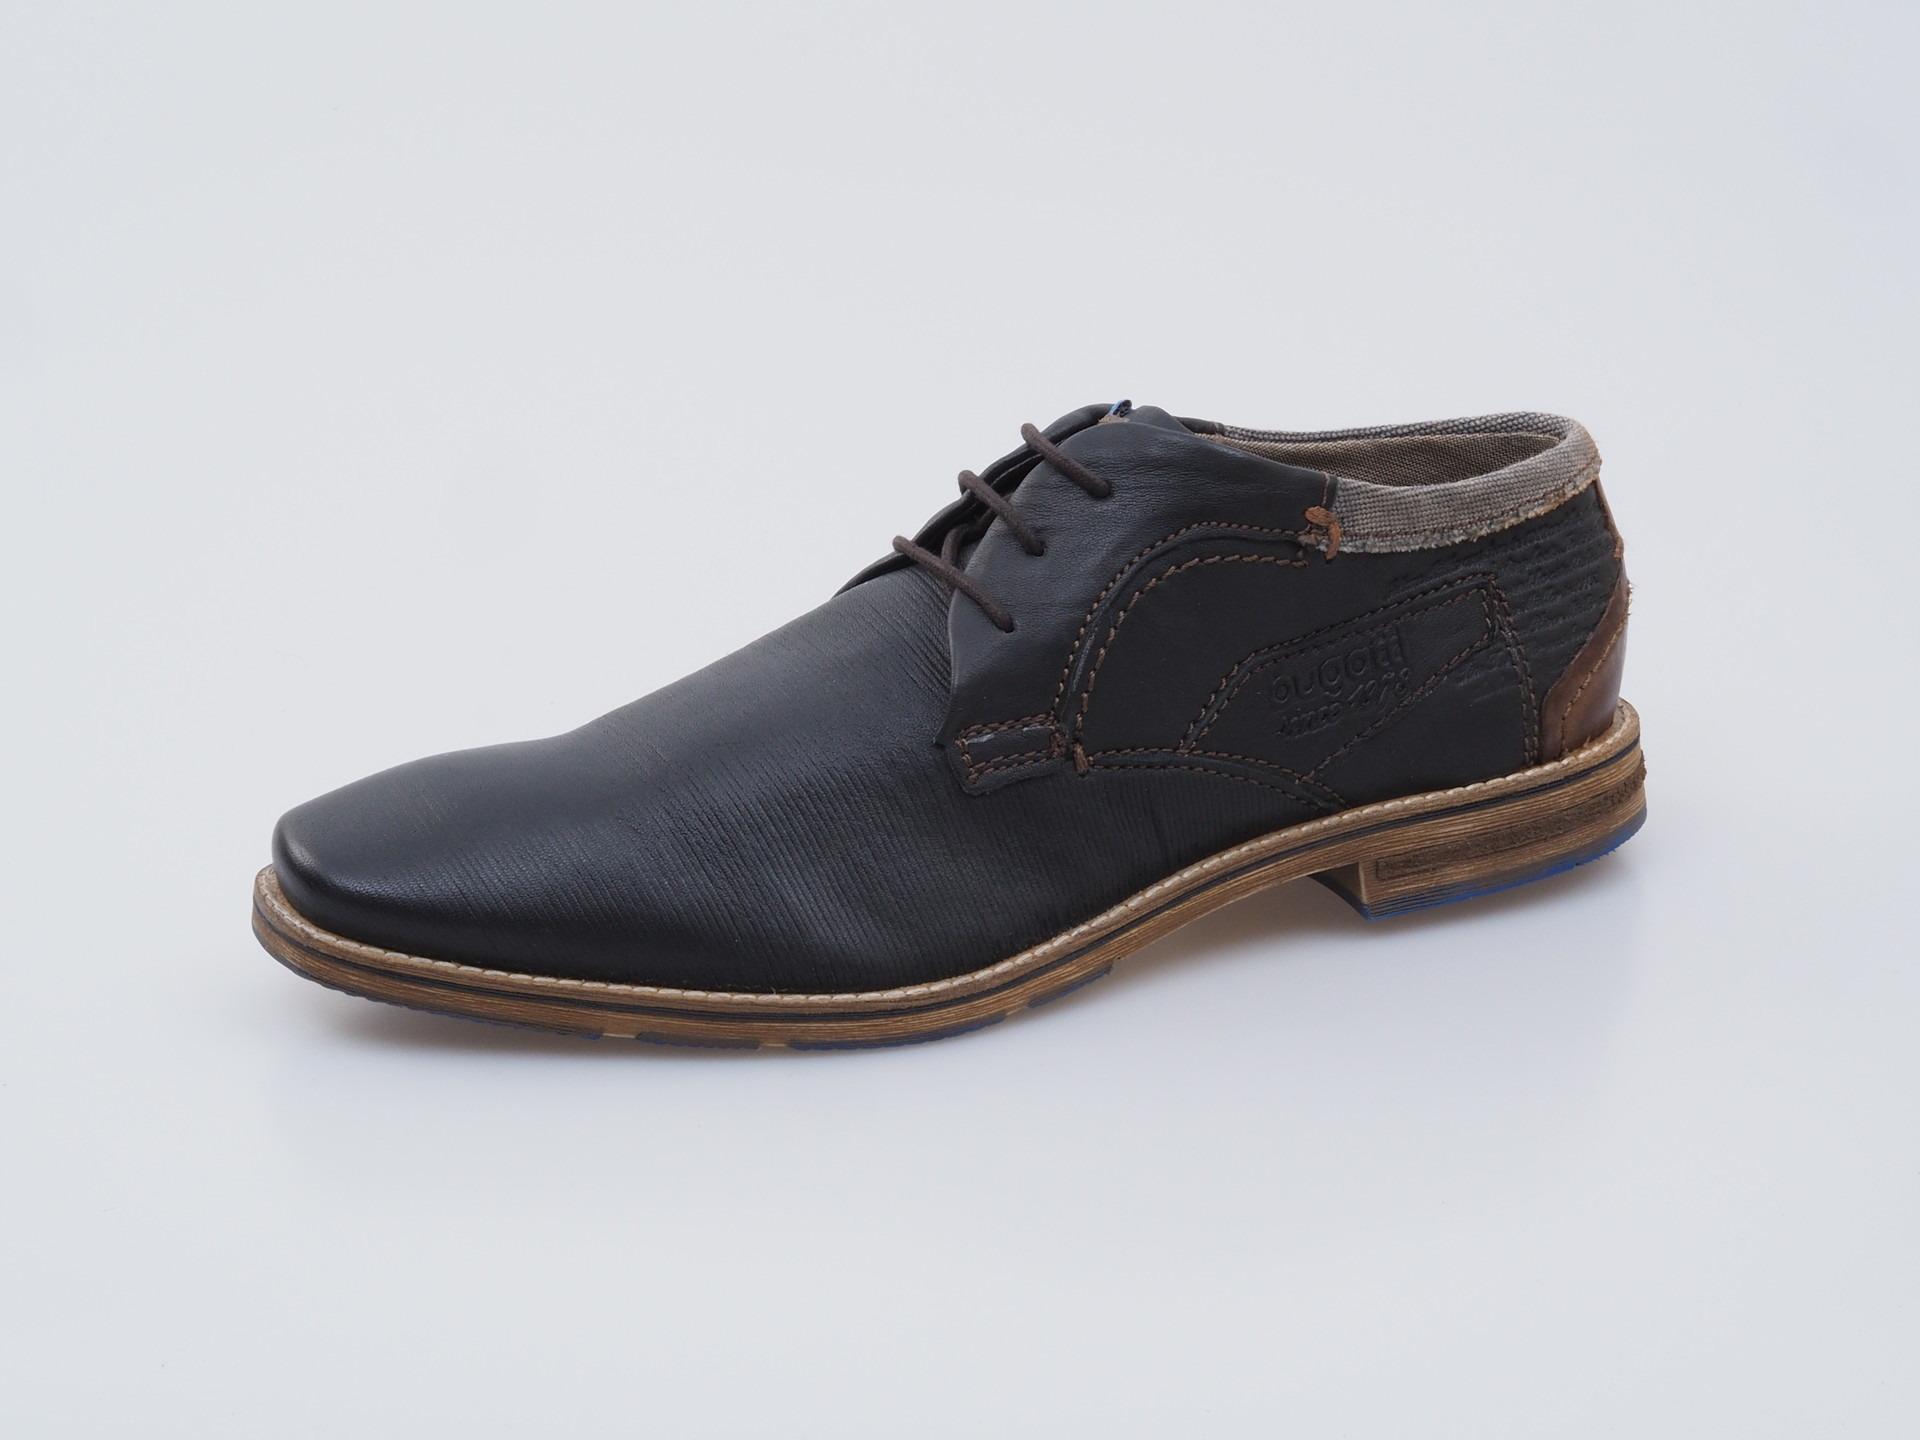 Soňa - Pánska obuv - Poltopánky - Bugatti pánska obuv cb85cb269fd